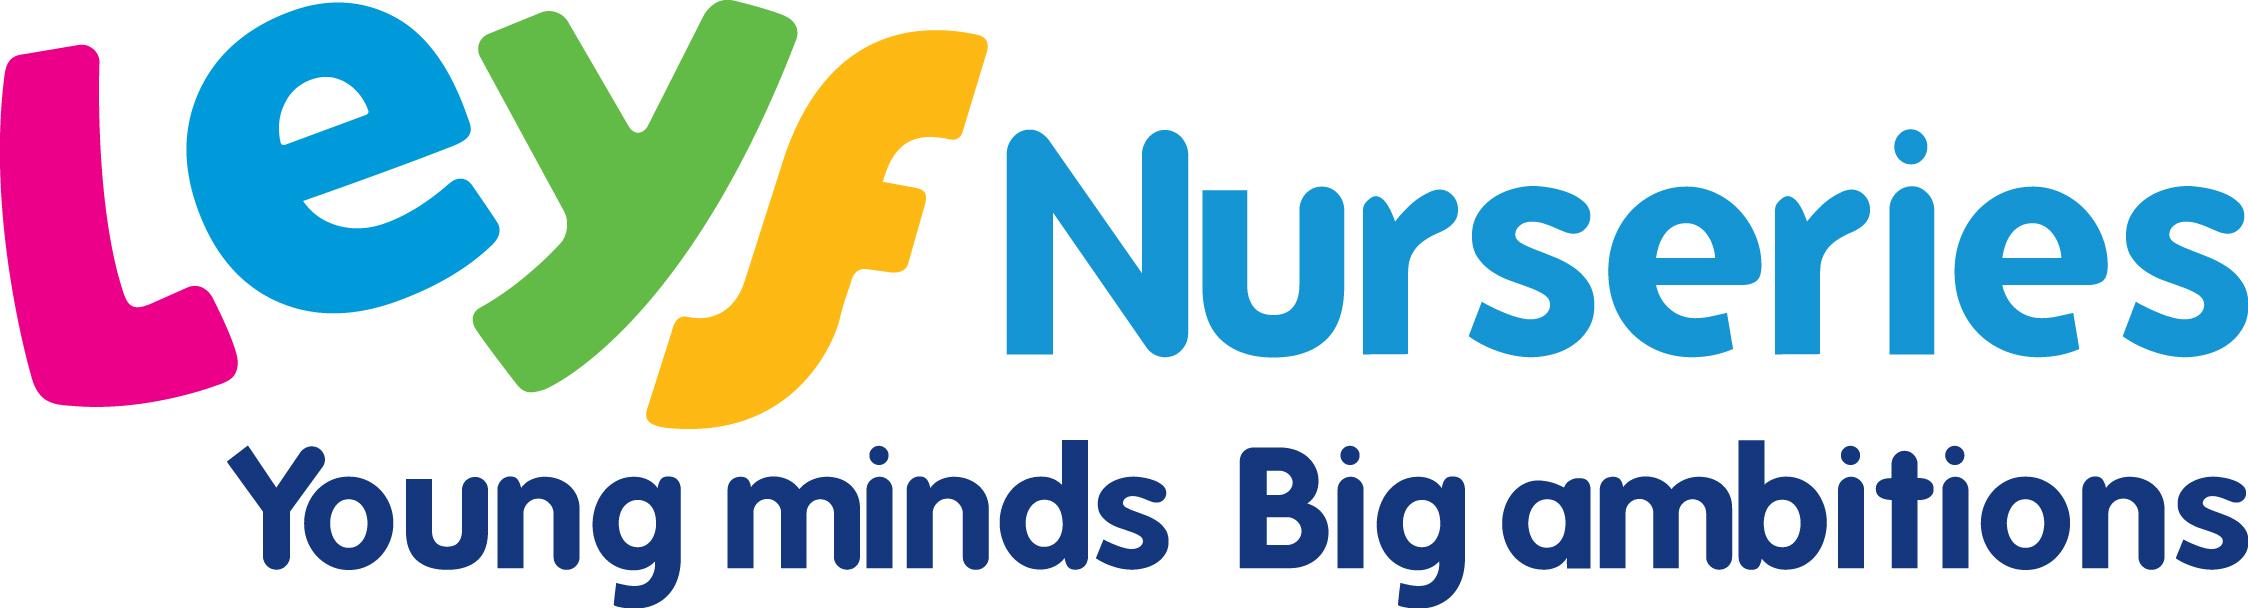 LEYF_NURSERY_LOGO_BLUE_big